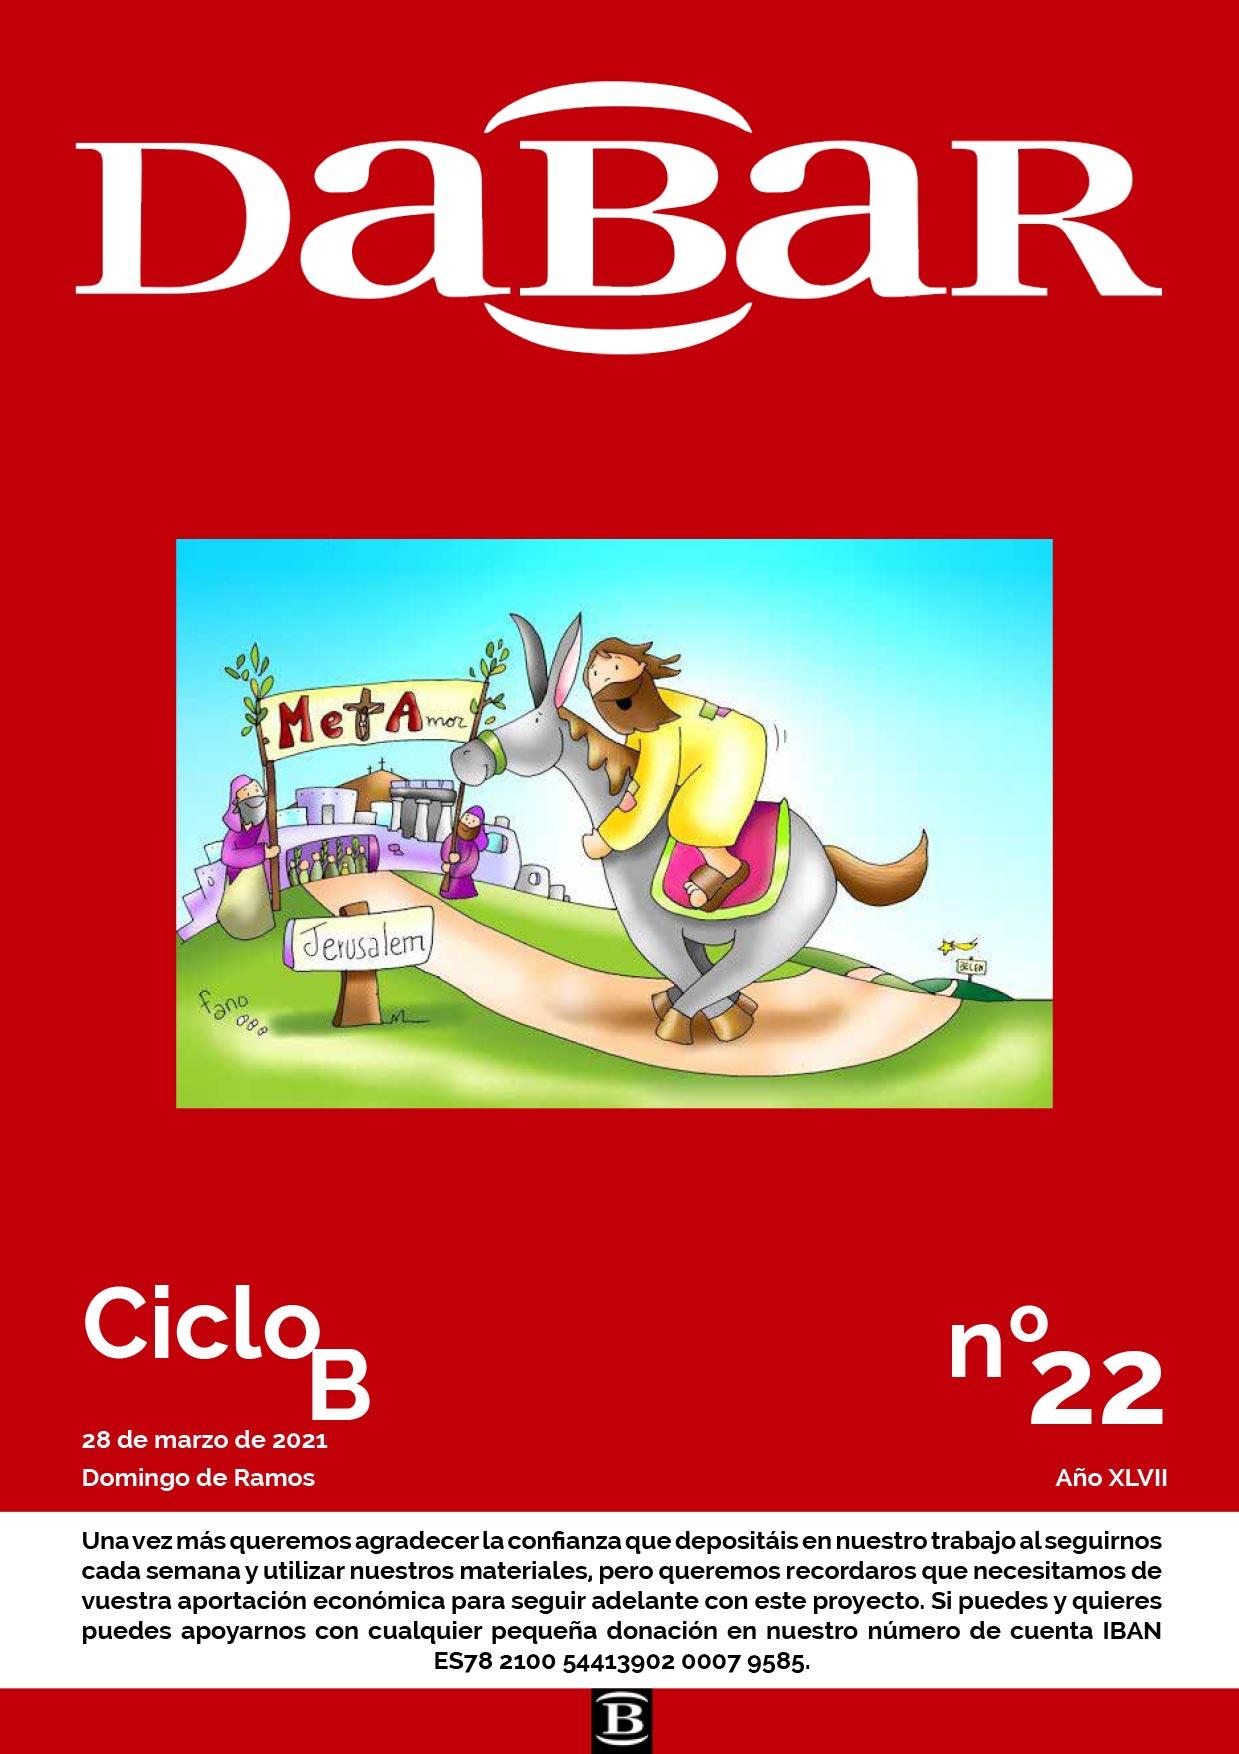 Dabar Revista numero 22 ciclo B